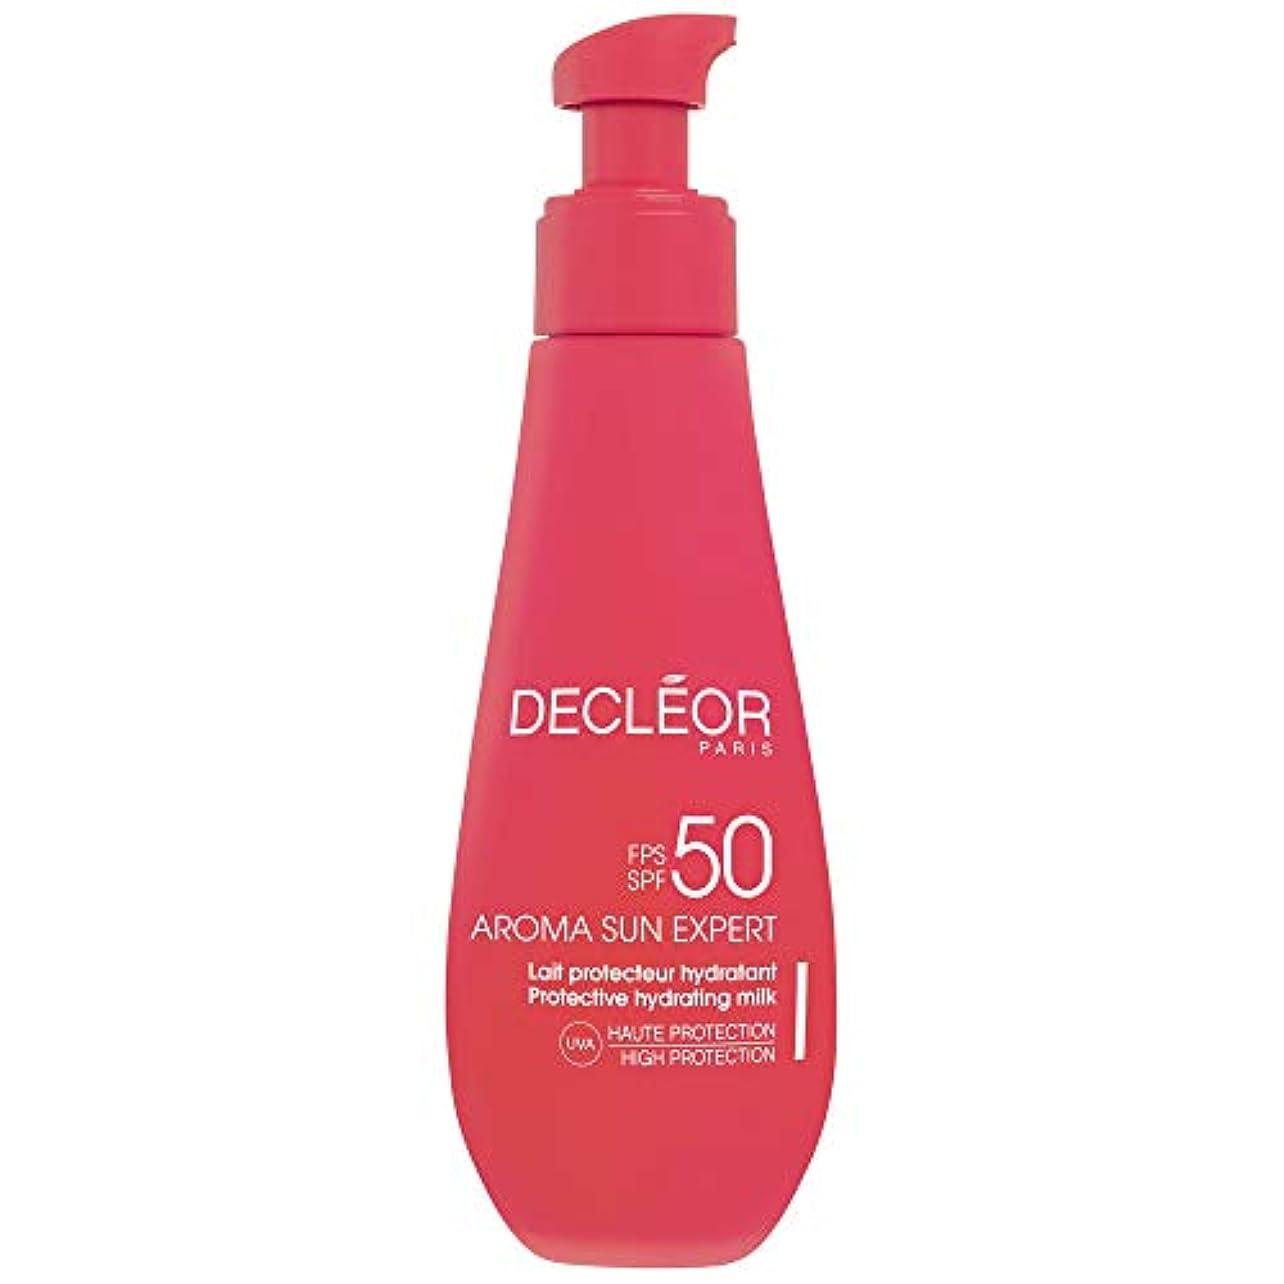 縮約押す以降[Decl?or ] デクレオールアロマ日の専門家で超保護抗シワクリームSpf50 - ボディローション150Ml - Decl?or Aroma Sun Expert Ultra Protective Anti-Wrinkle...